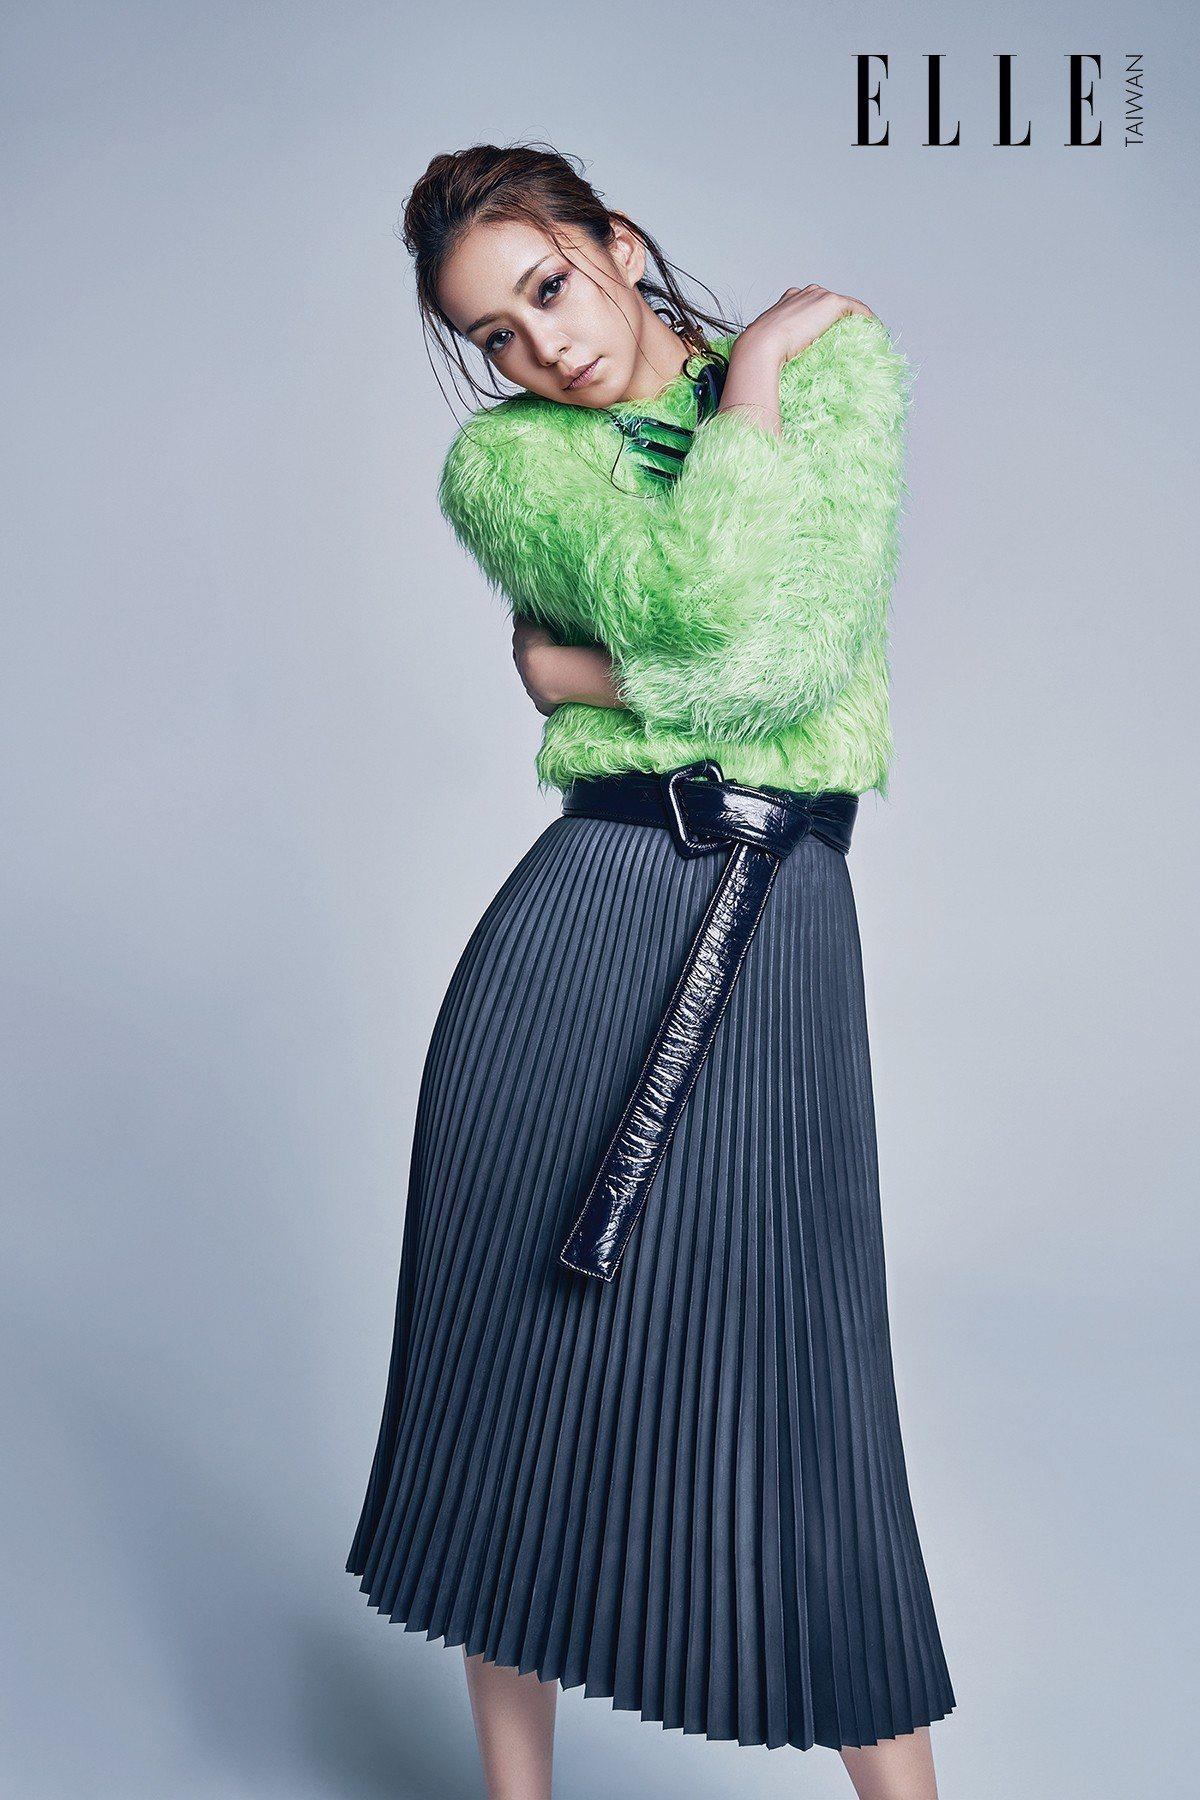 螢光綠毛海毛衣、橡膠白褶裙、金屬項鍊(ALL BY BALENCIAGA)